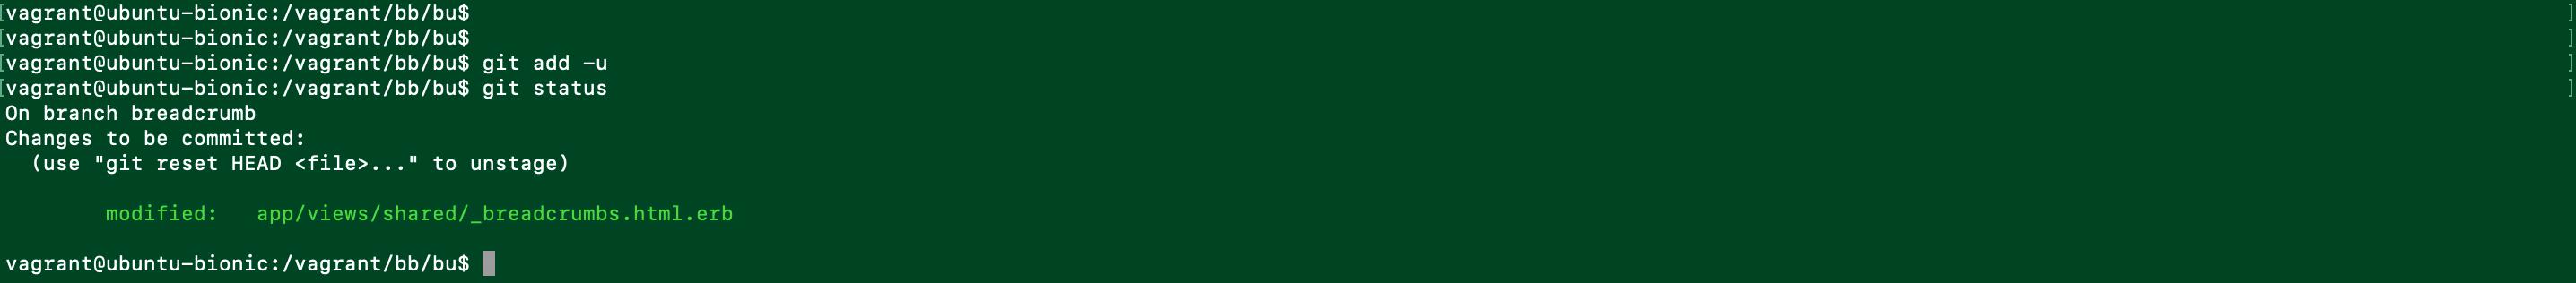 スクリーンショット 2019-04-15 14.26.58.png